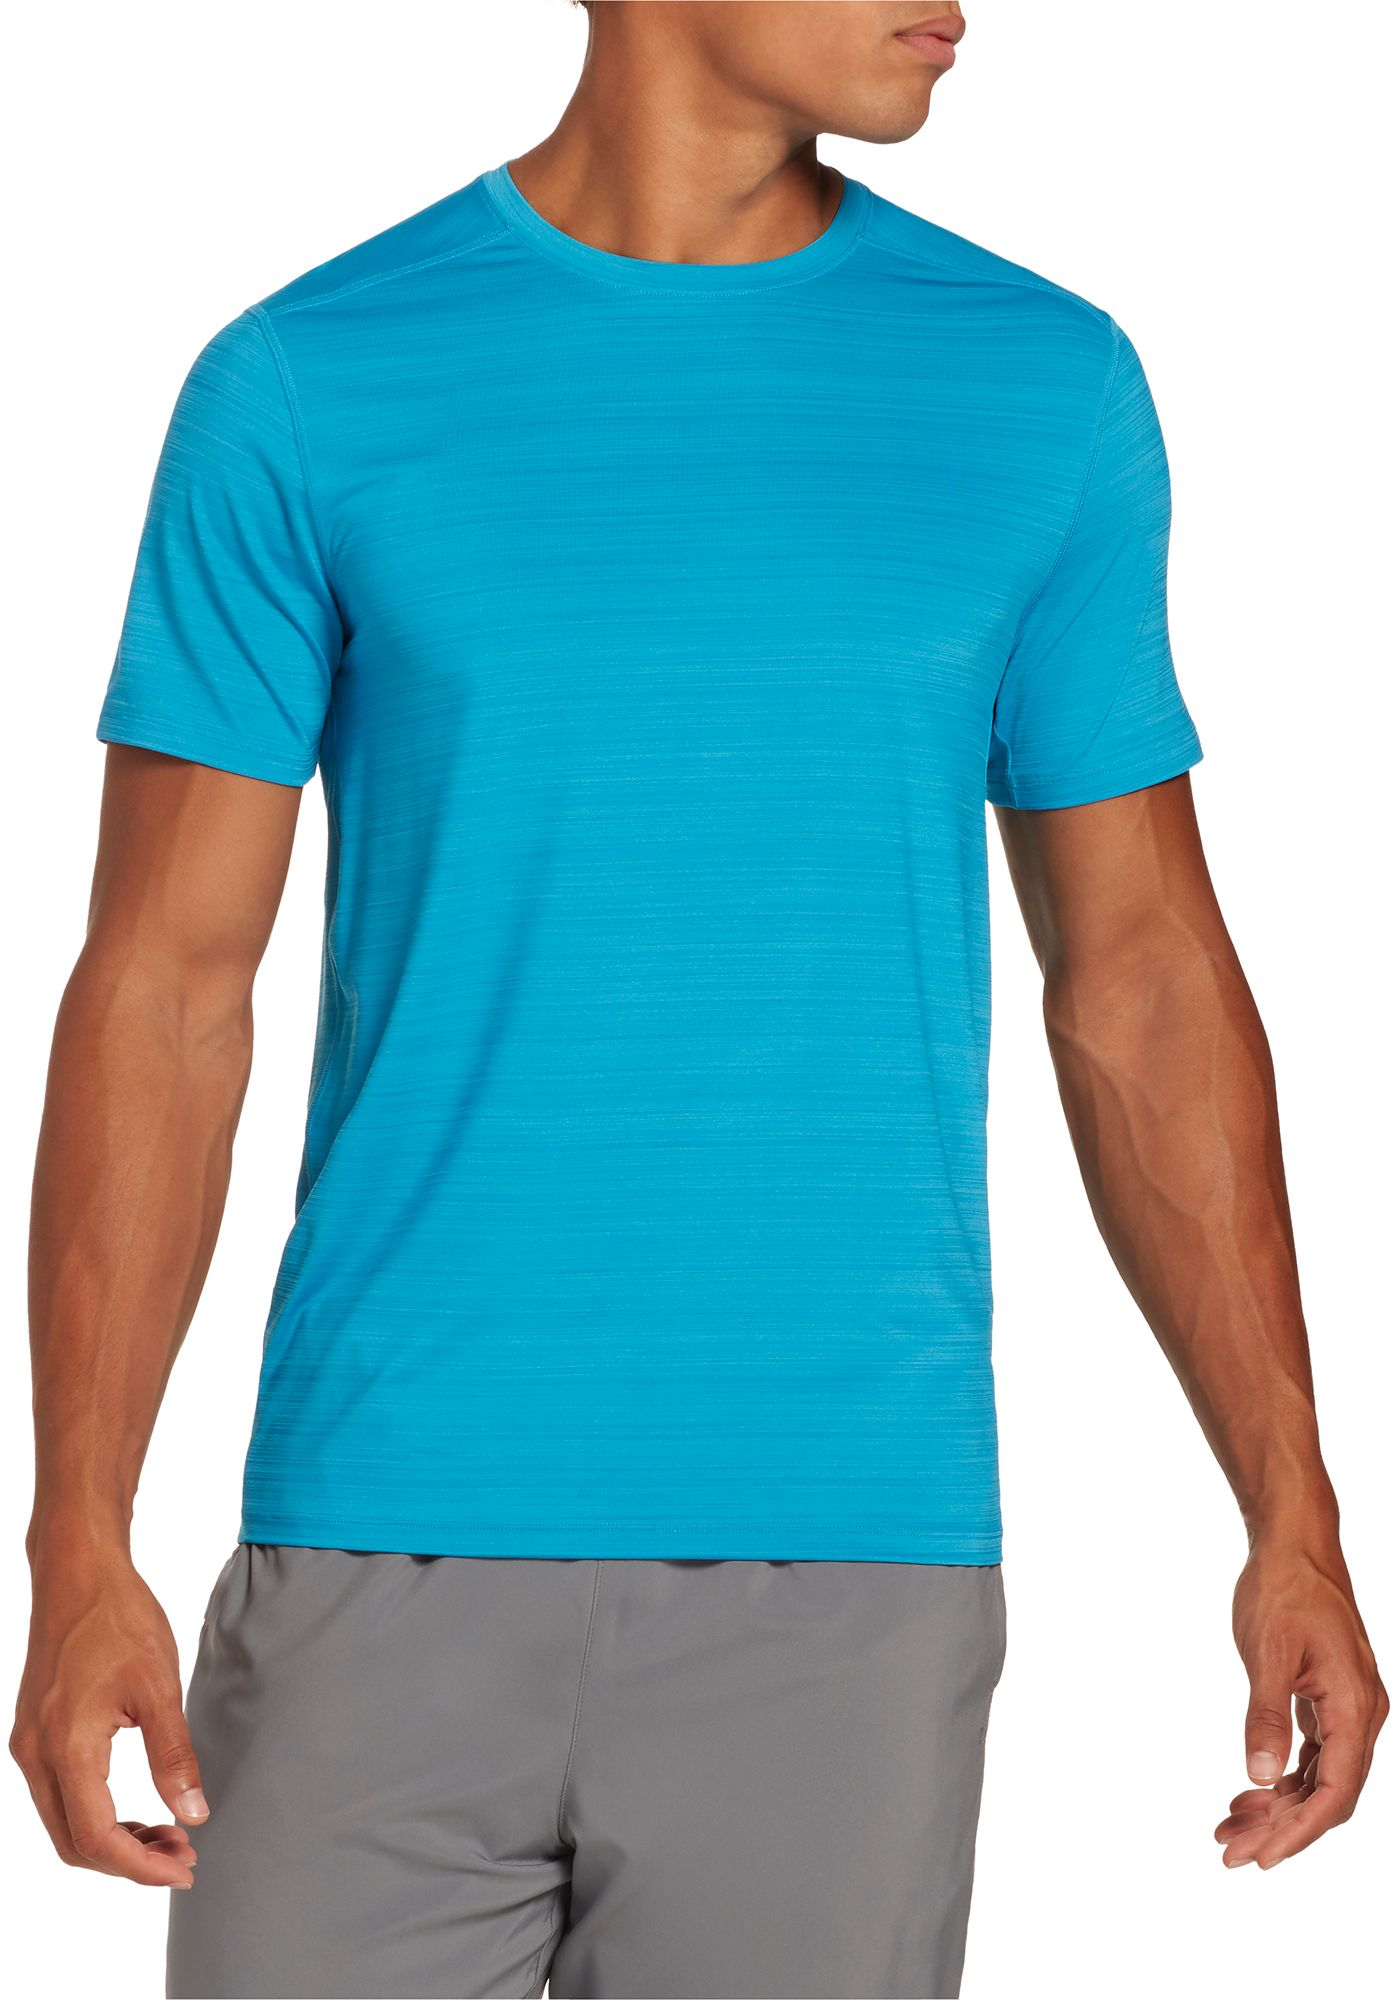 DSG Men's Training T-Shirt